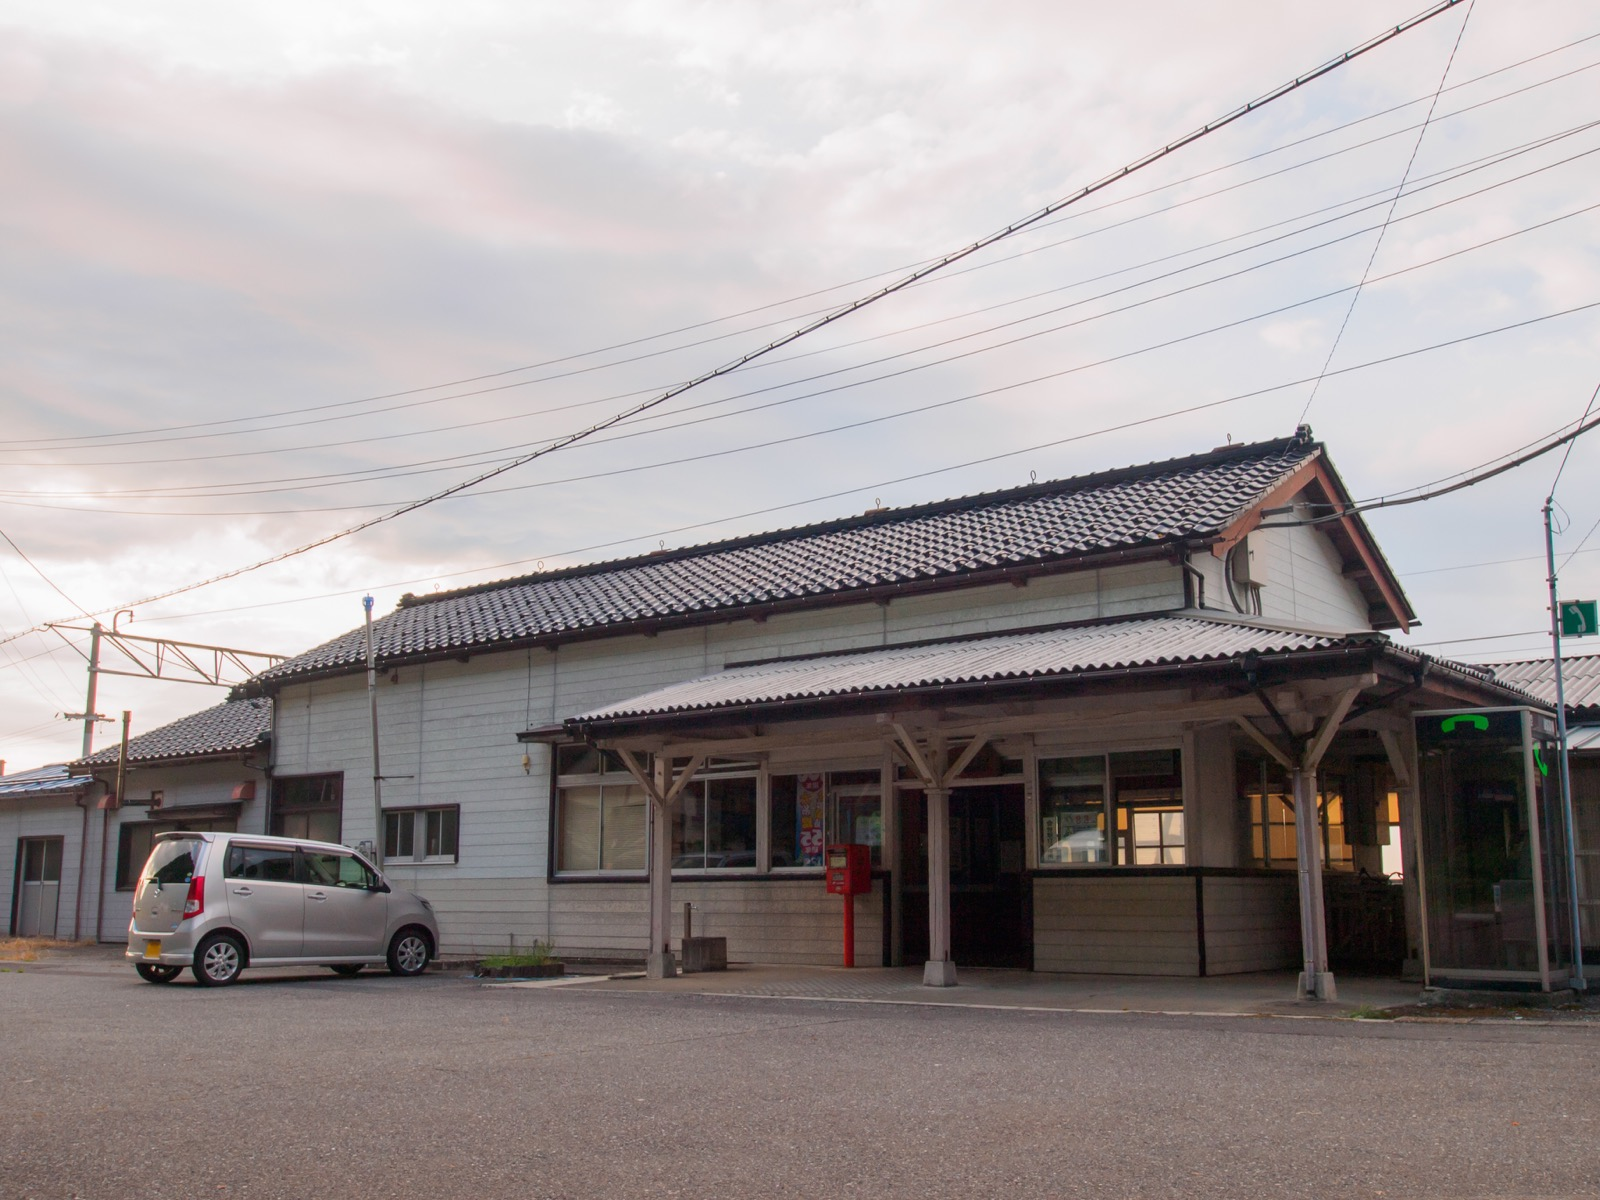 市振駅の駅舎